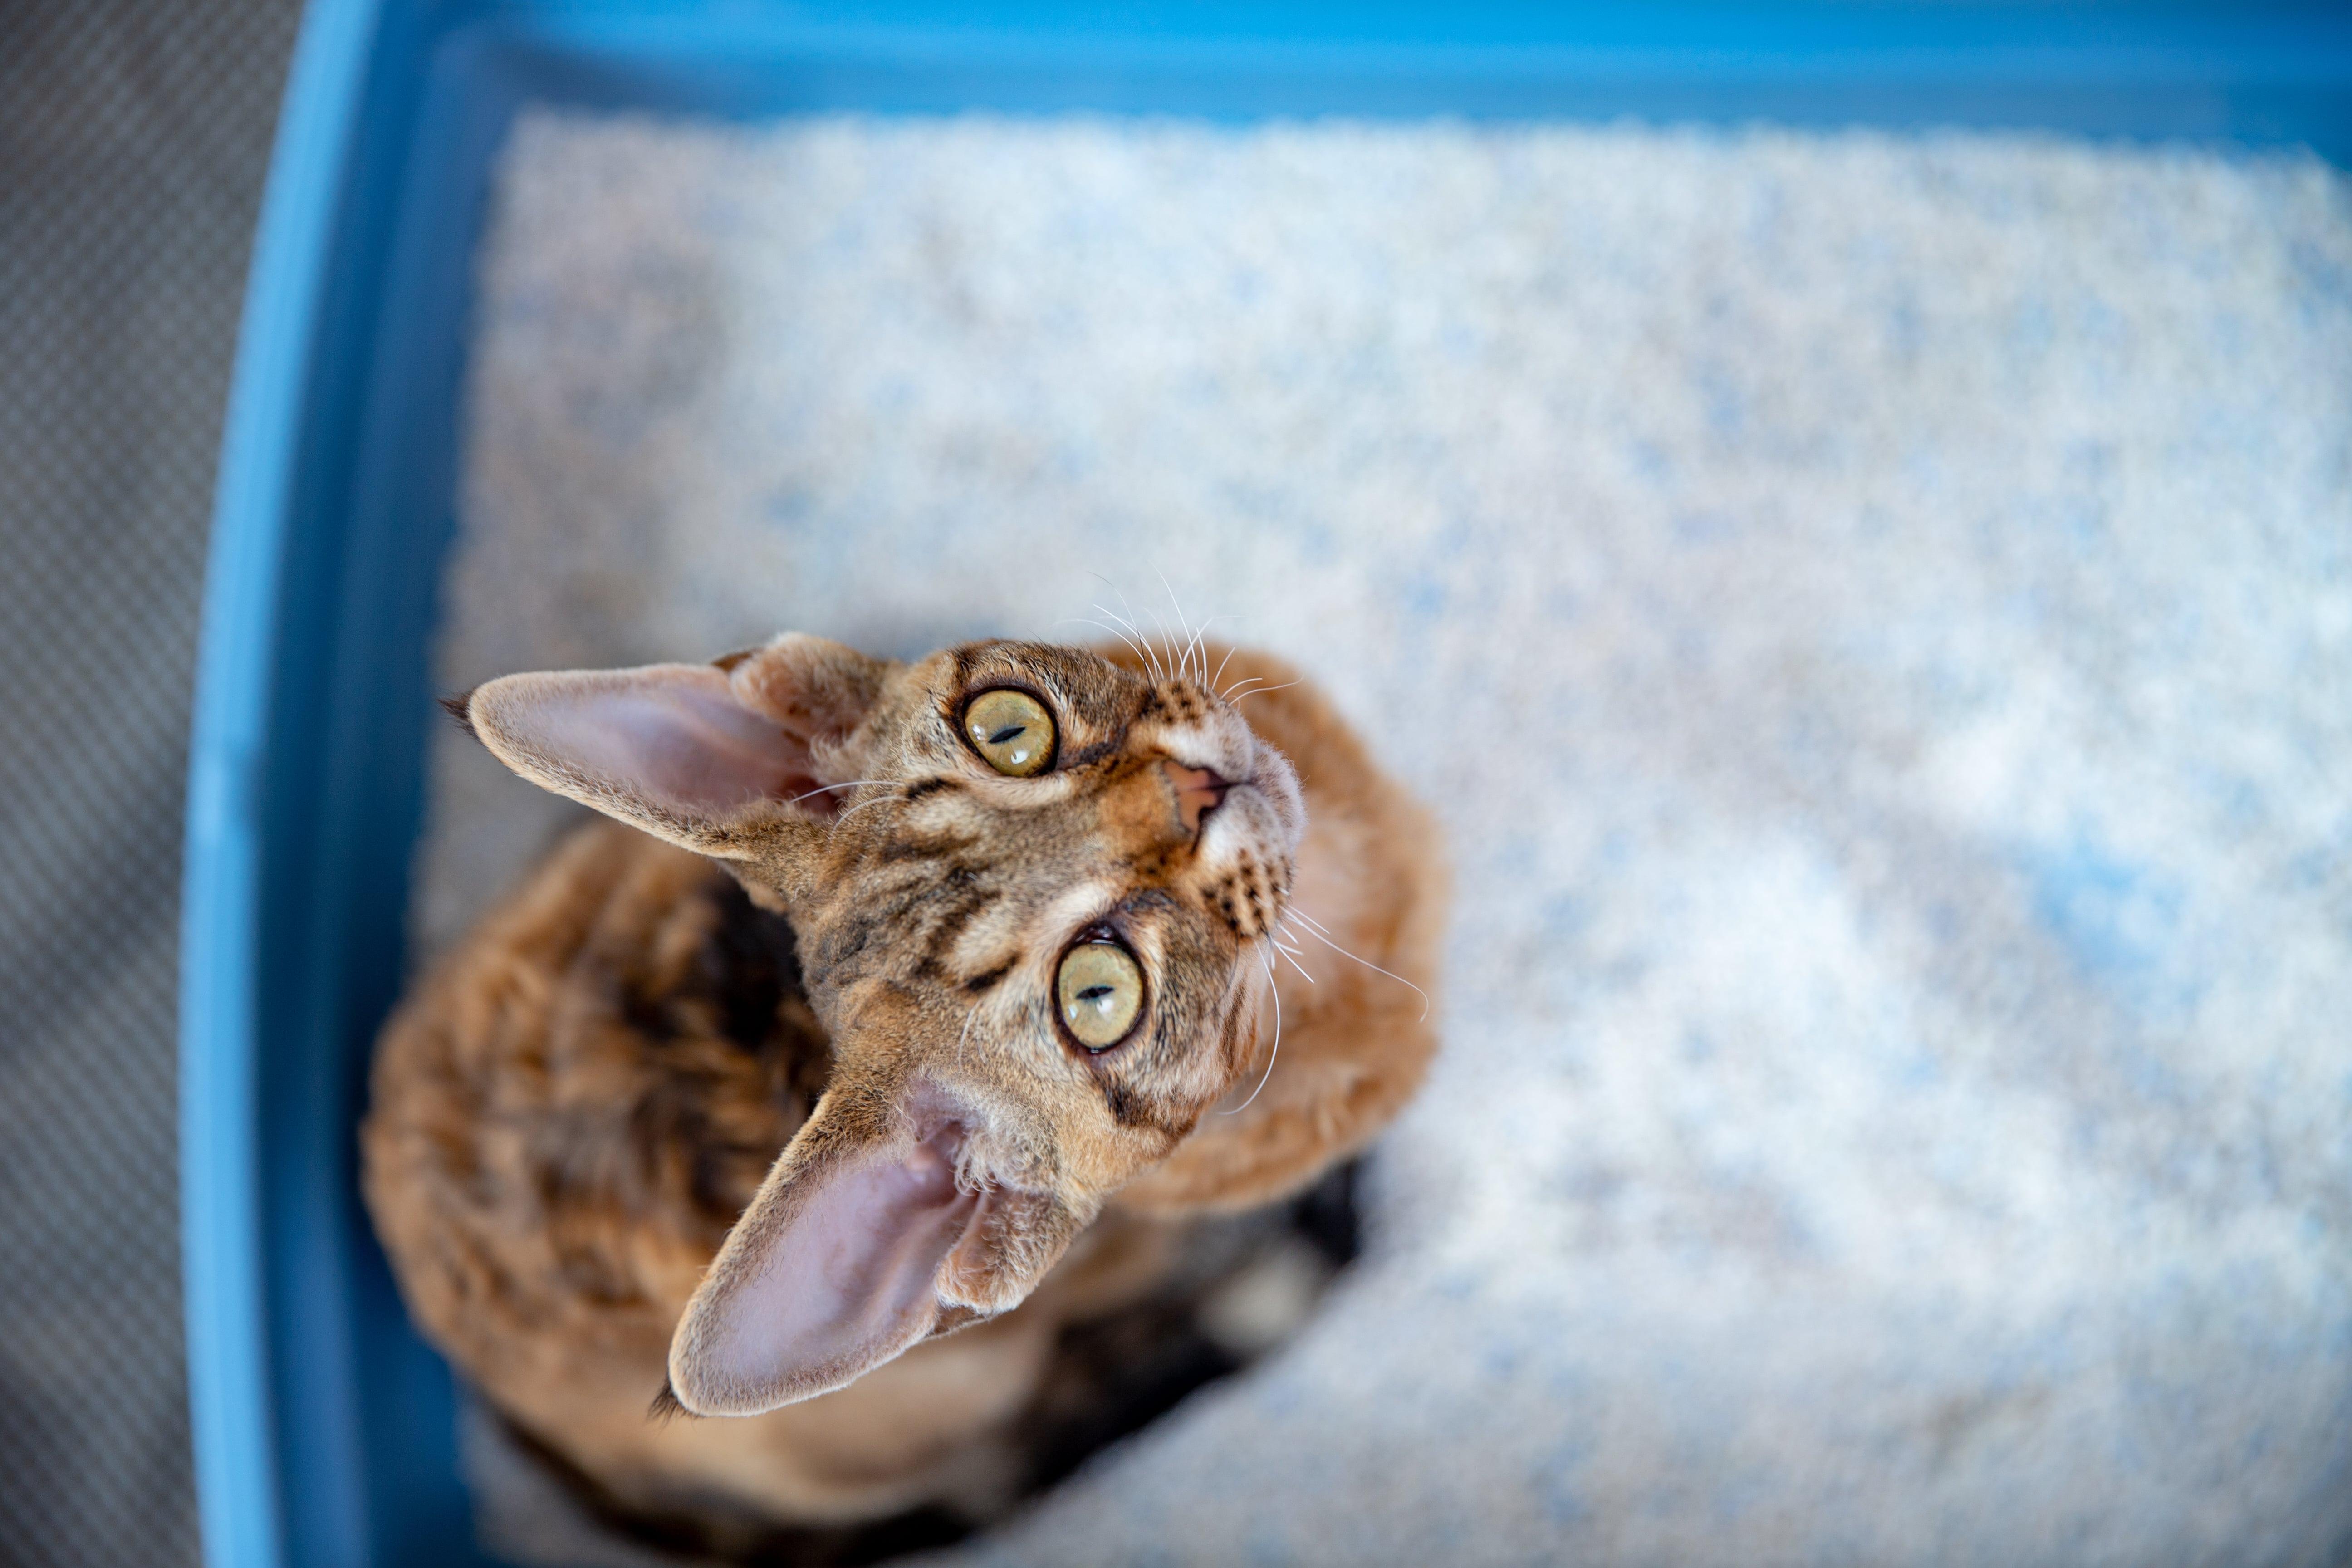 Katze sitzt in Katzentoilette und schaut nach oben